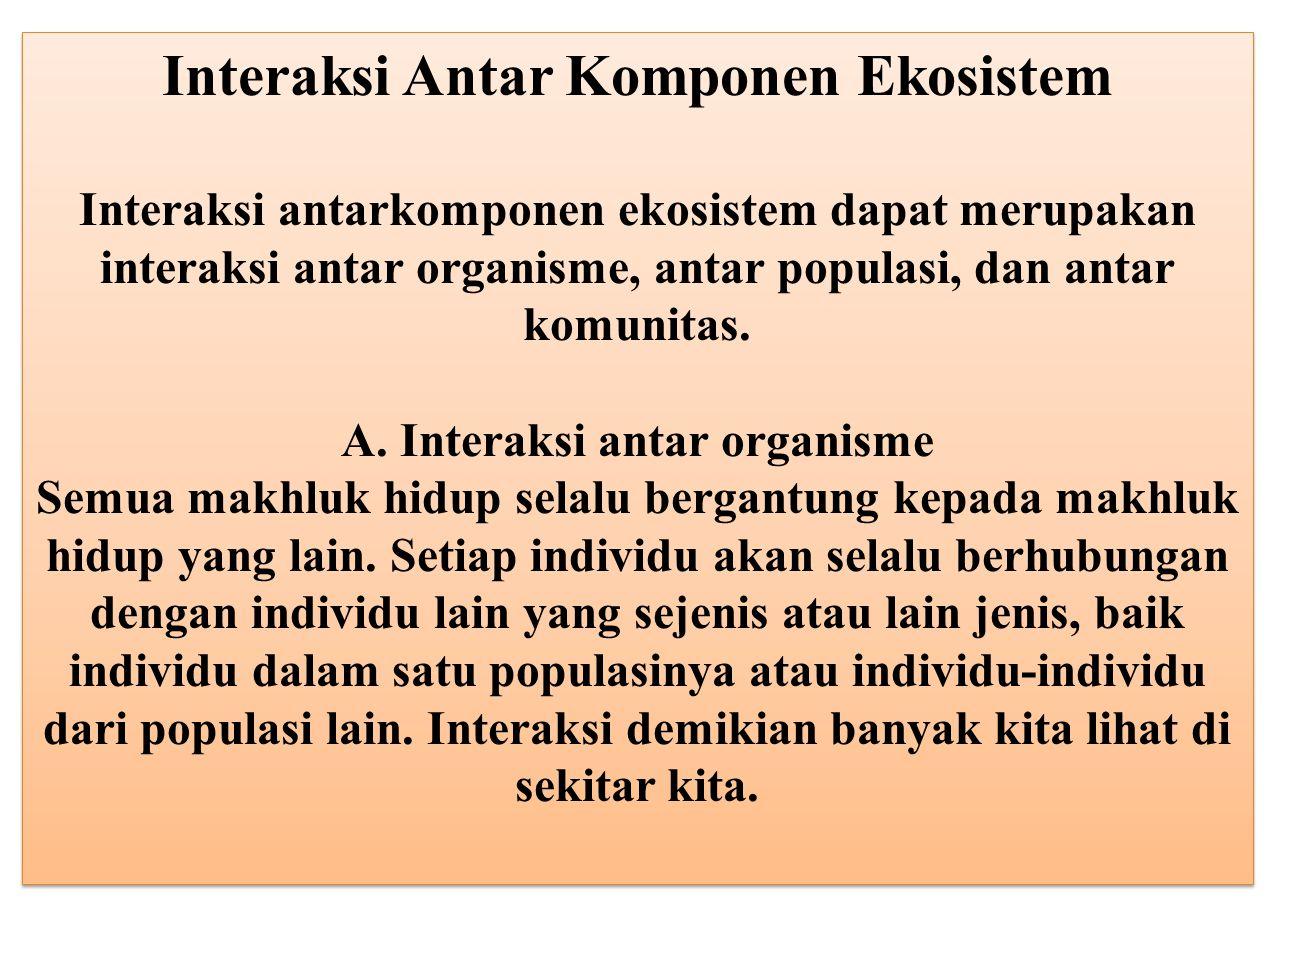 Interaksi Antar Komponen Ekosistem Interaksi antarkomponen ekosistem dapat merupakan interaksi antar organisme, antar populasi, dan antar komunitas. A